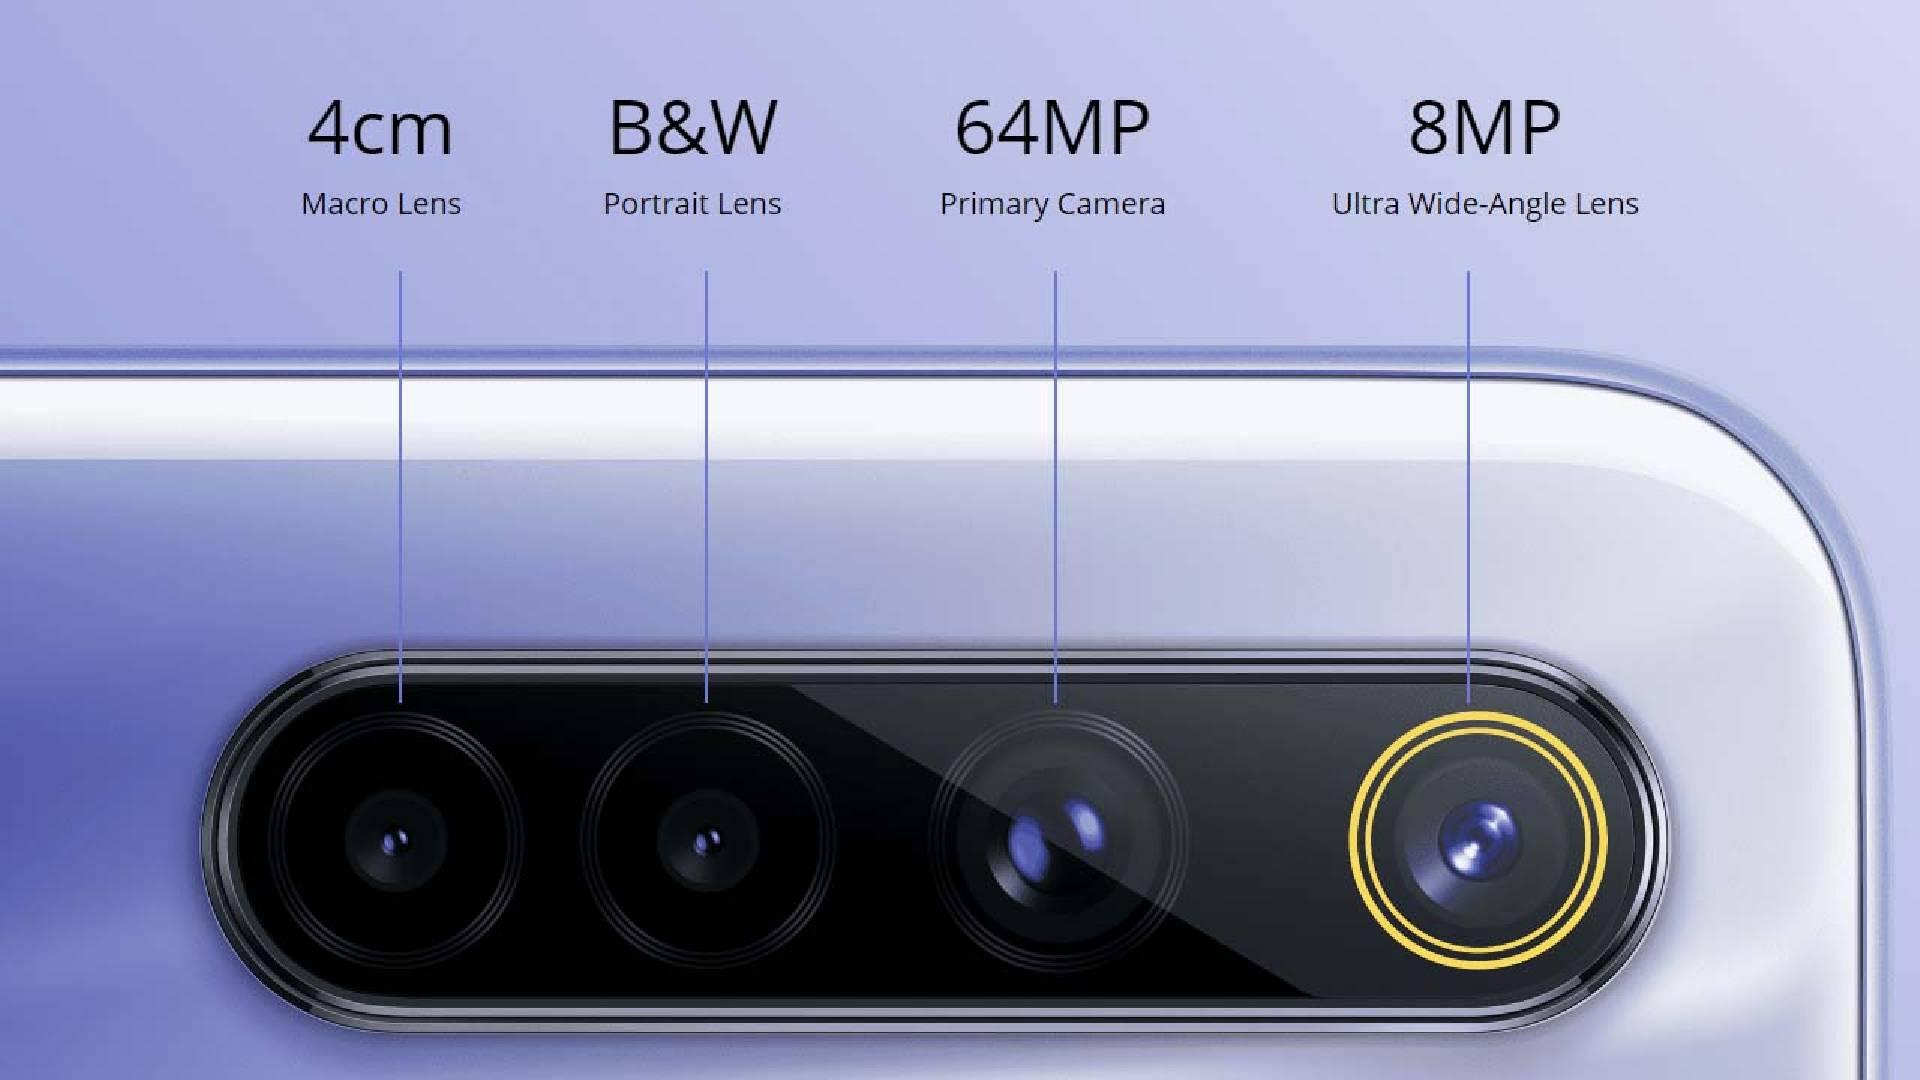 Imagem que mostra os sensores de câmera do Realme 6